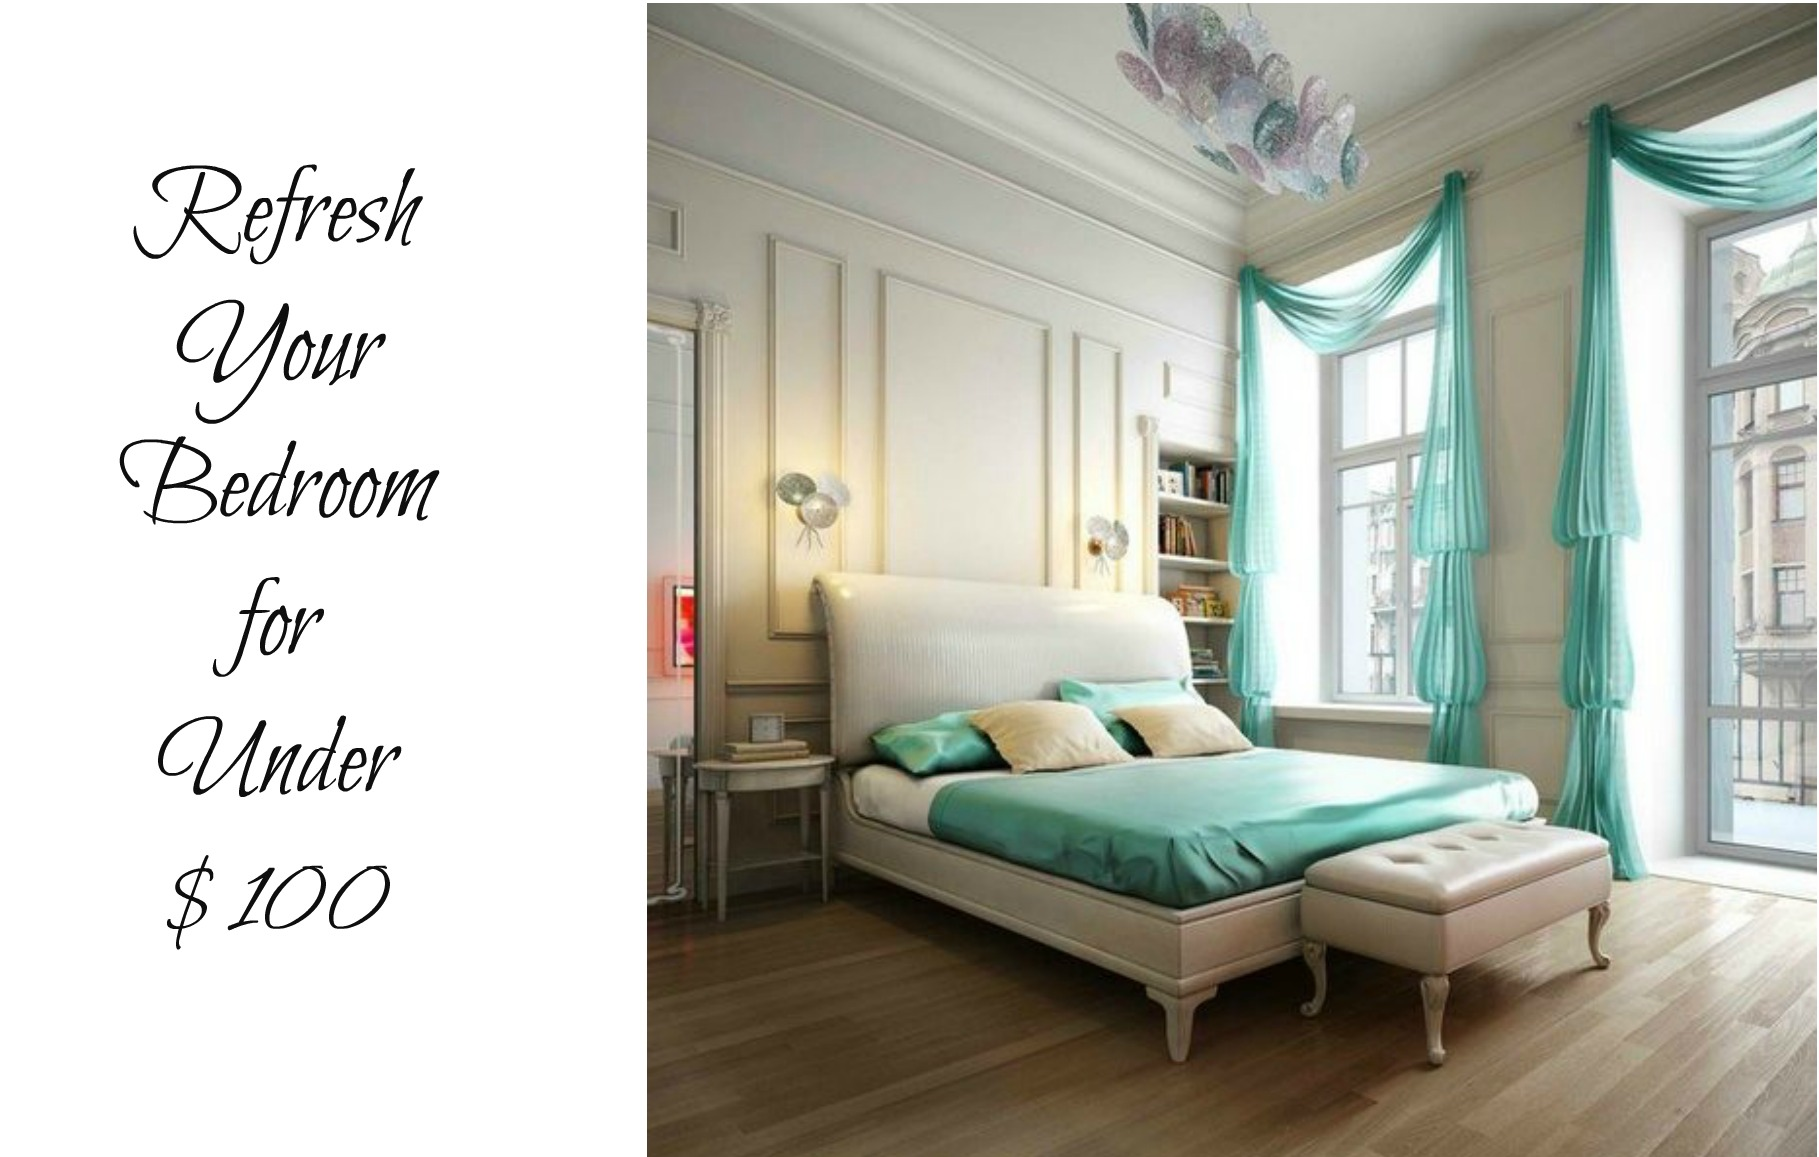 Refresh Your Bedroom.jpg